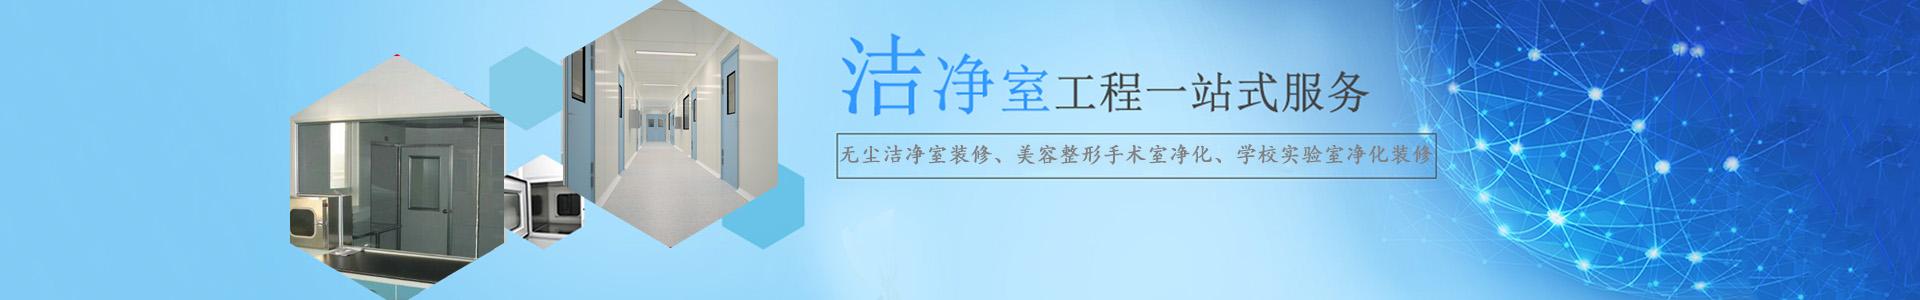 http://www.sdjingzhiyuan.com/data/images/slide/20190803164352_403.jpg